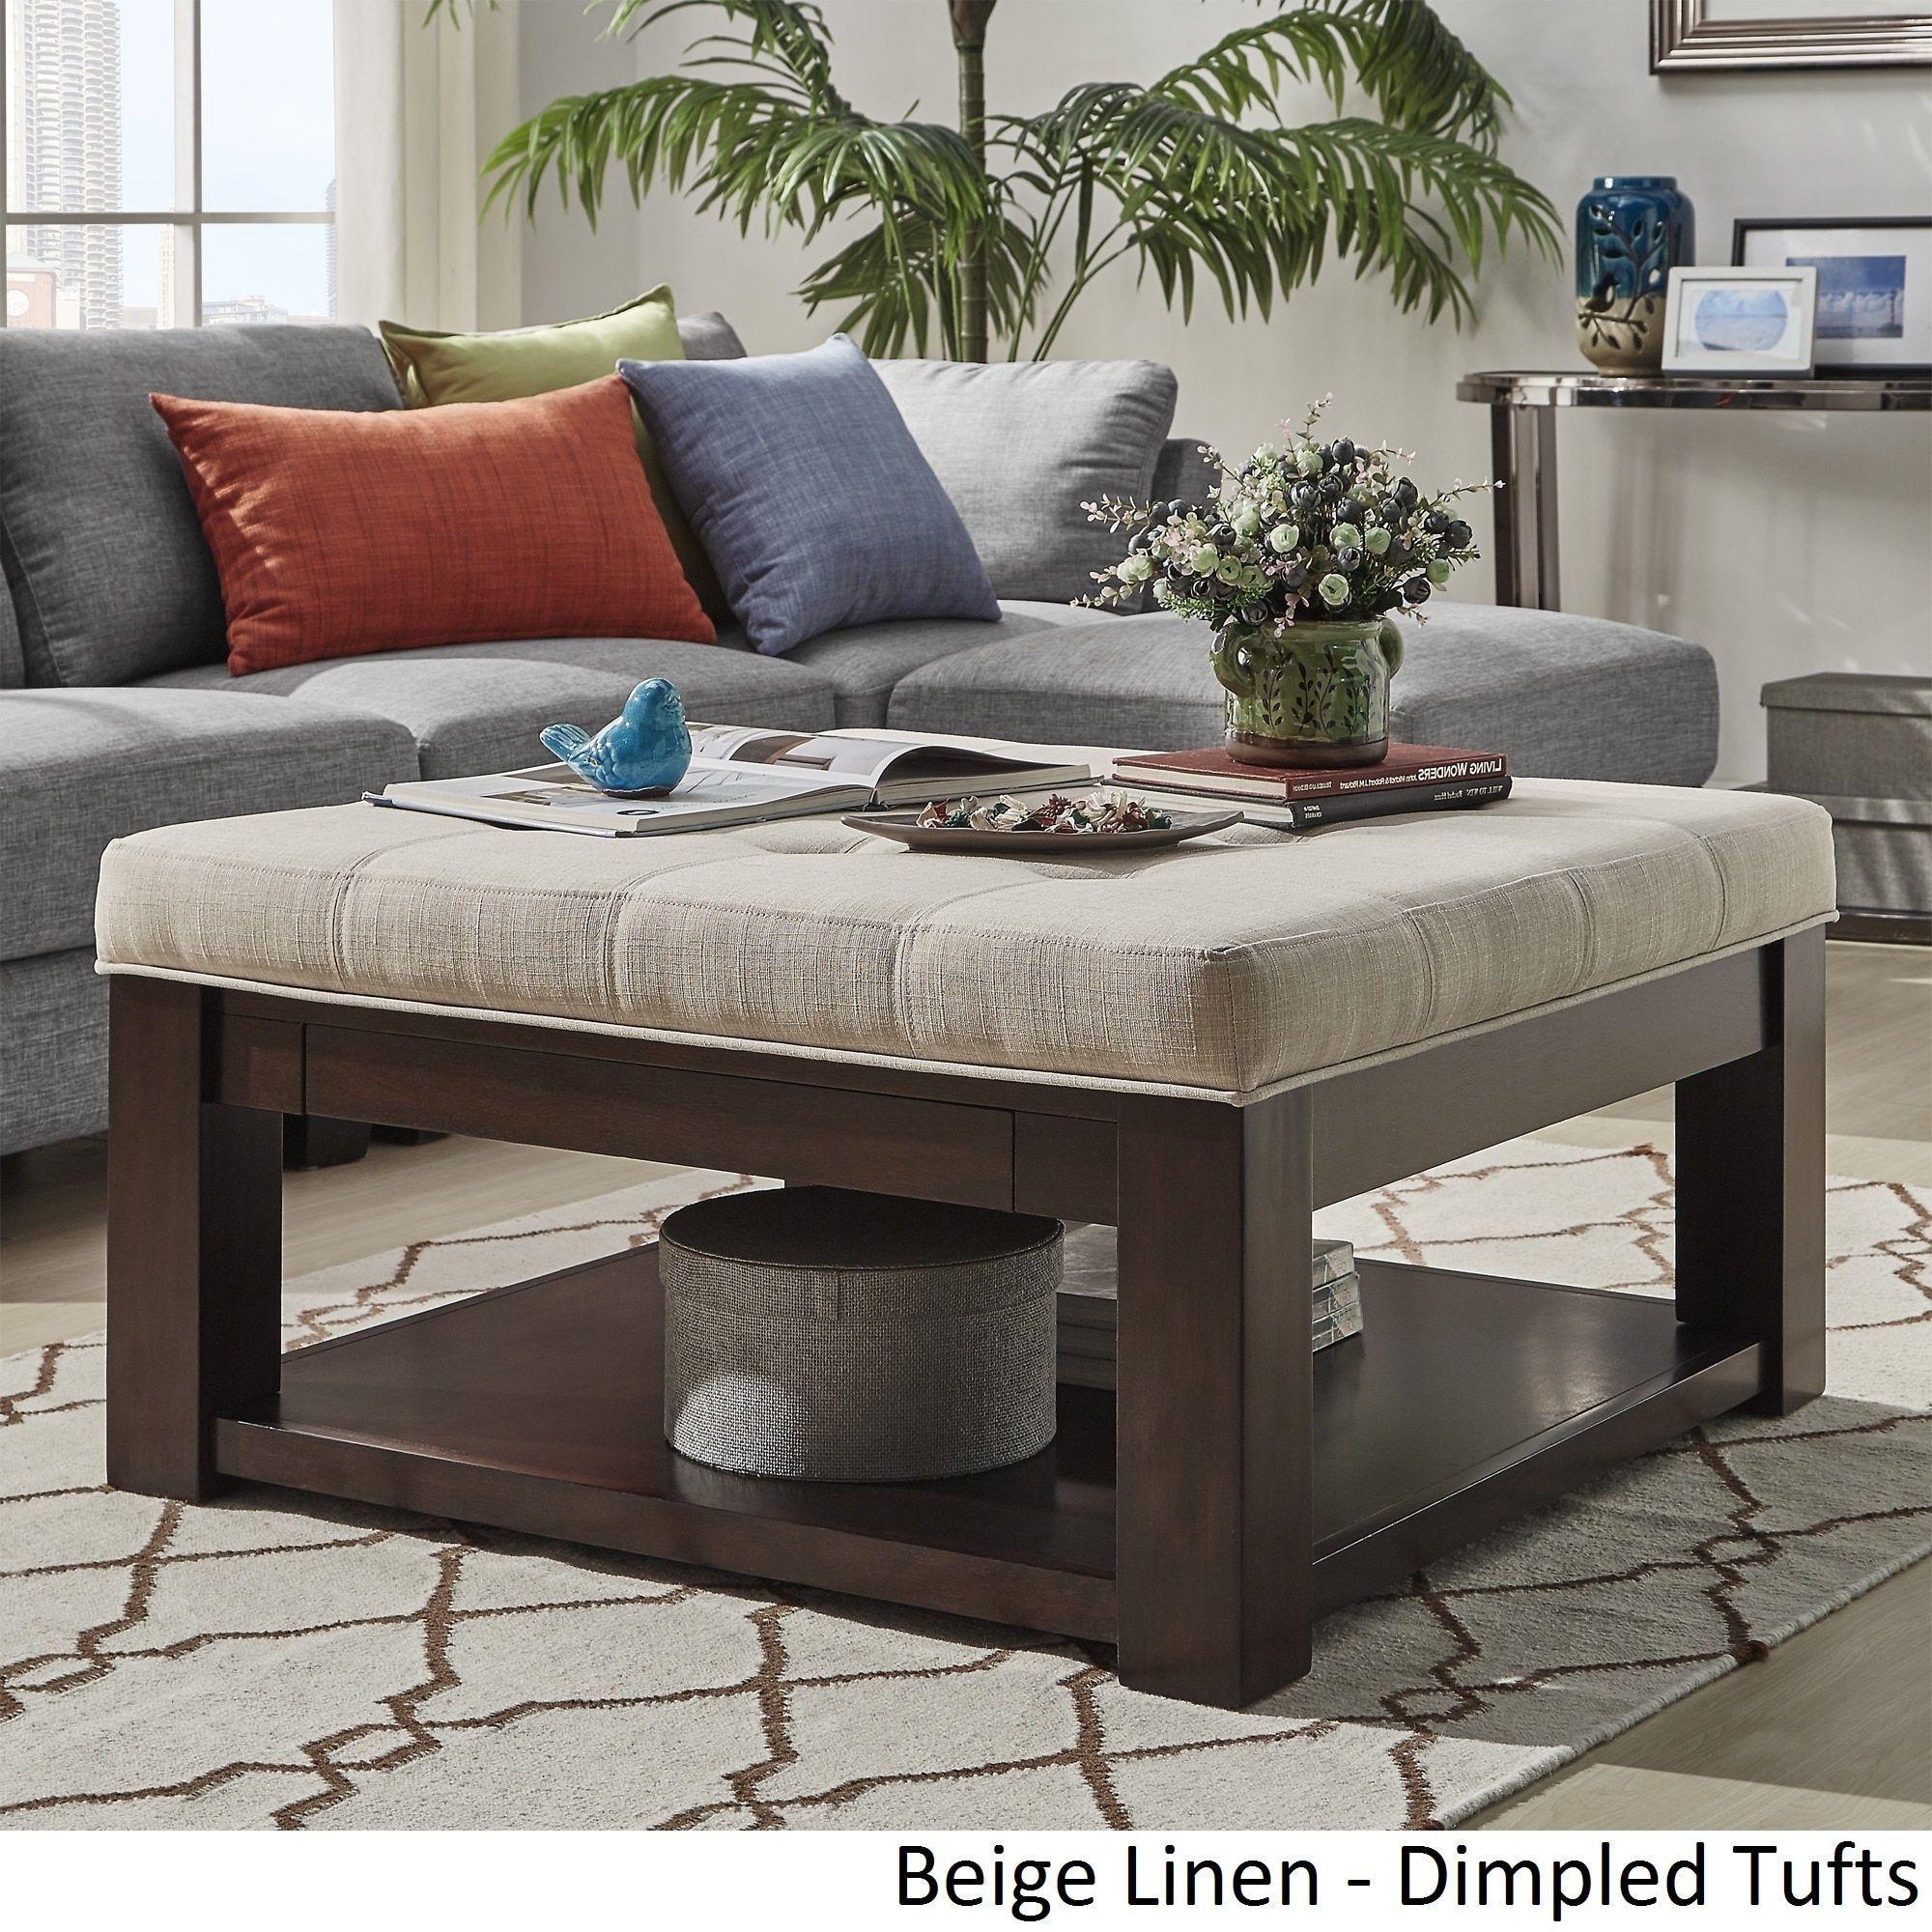 lennon espresso square storage ottoman coffee table by tribecca home